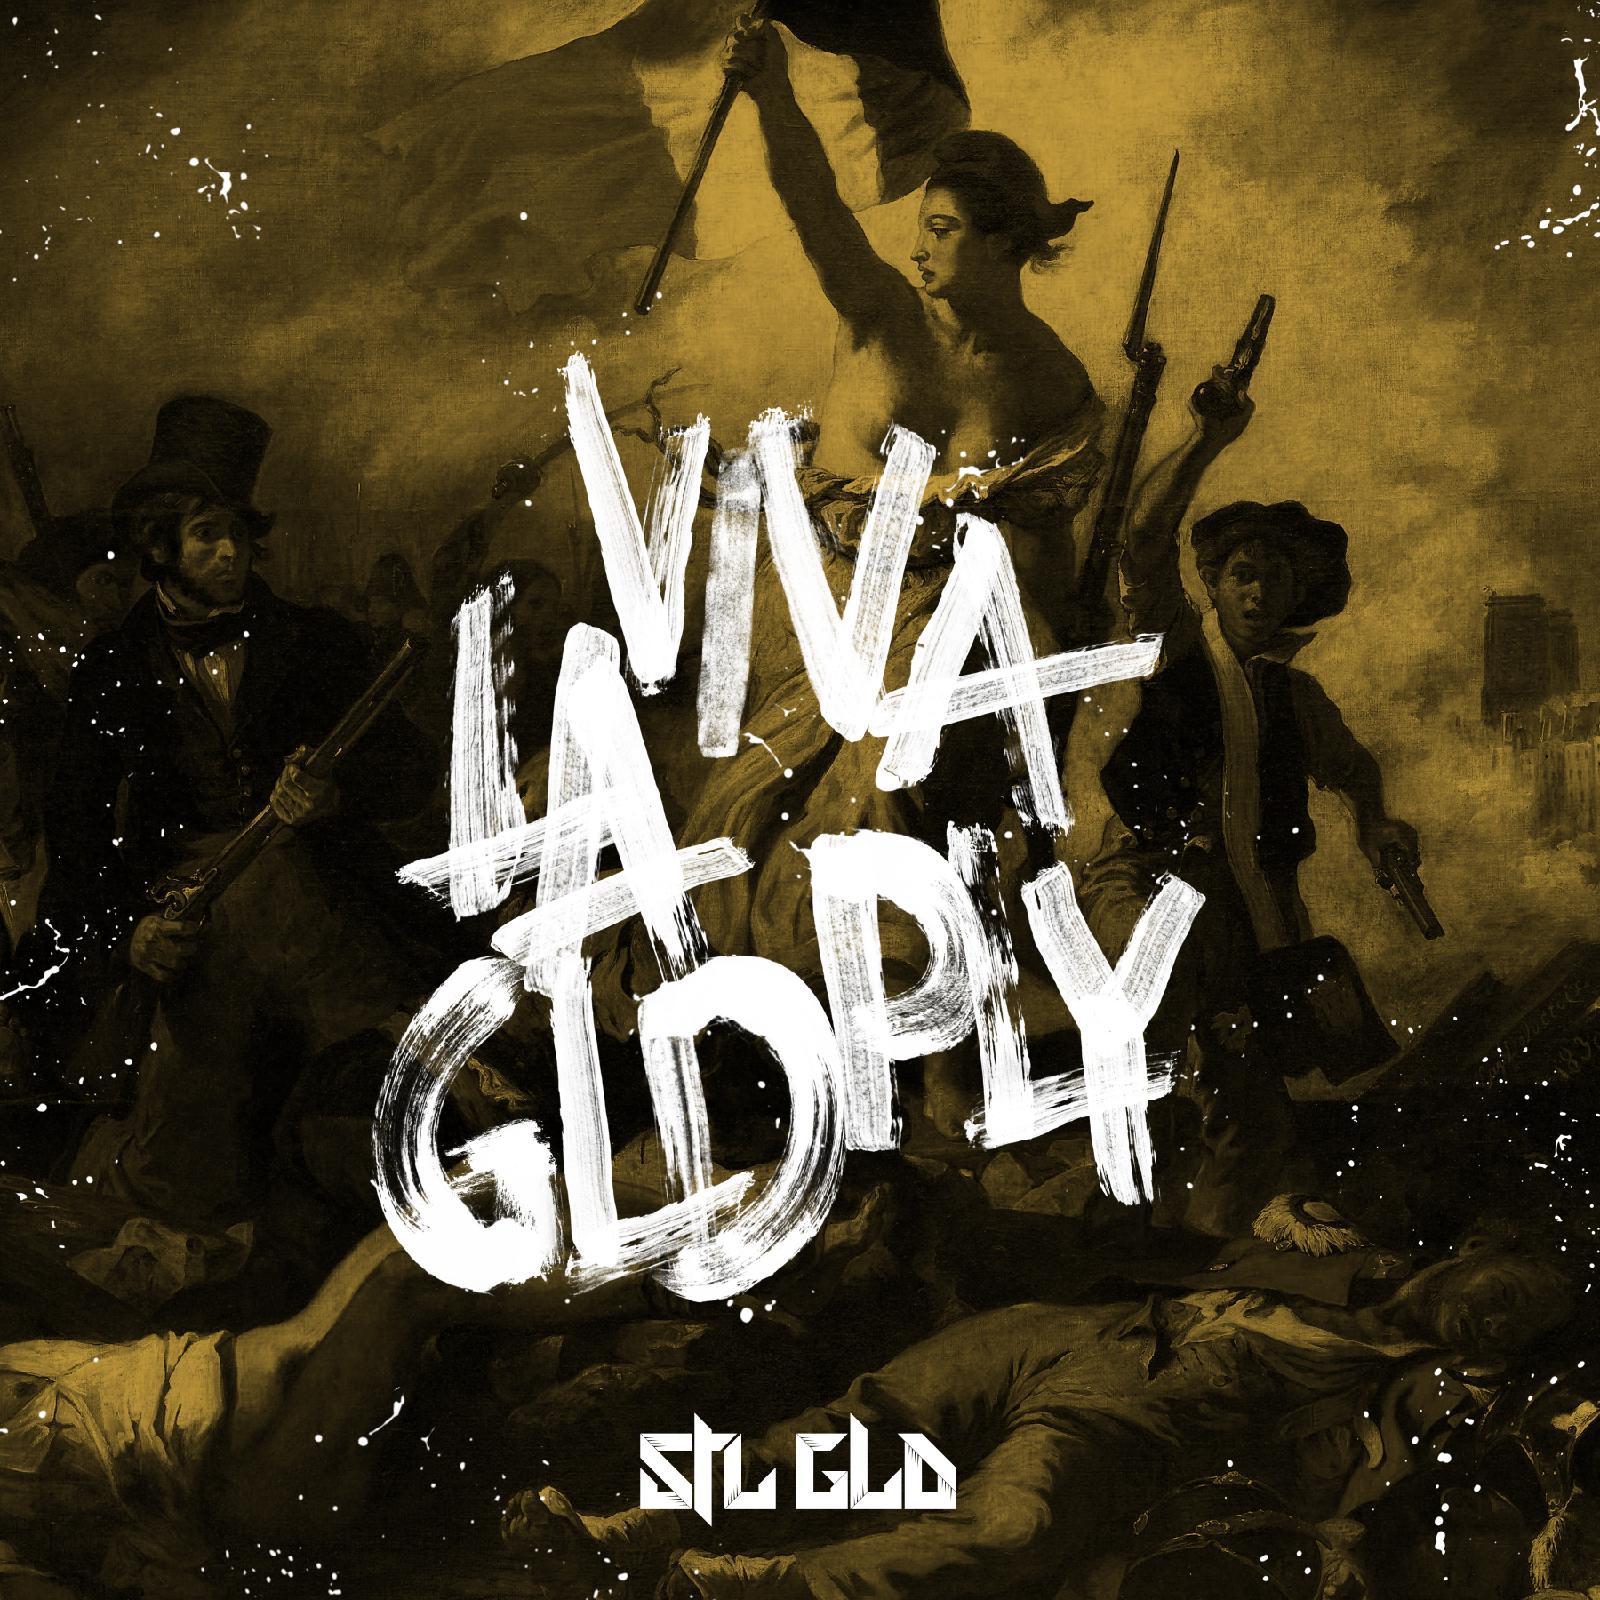 Viva La GLDPLY